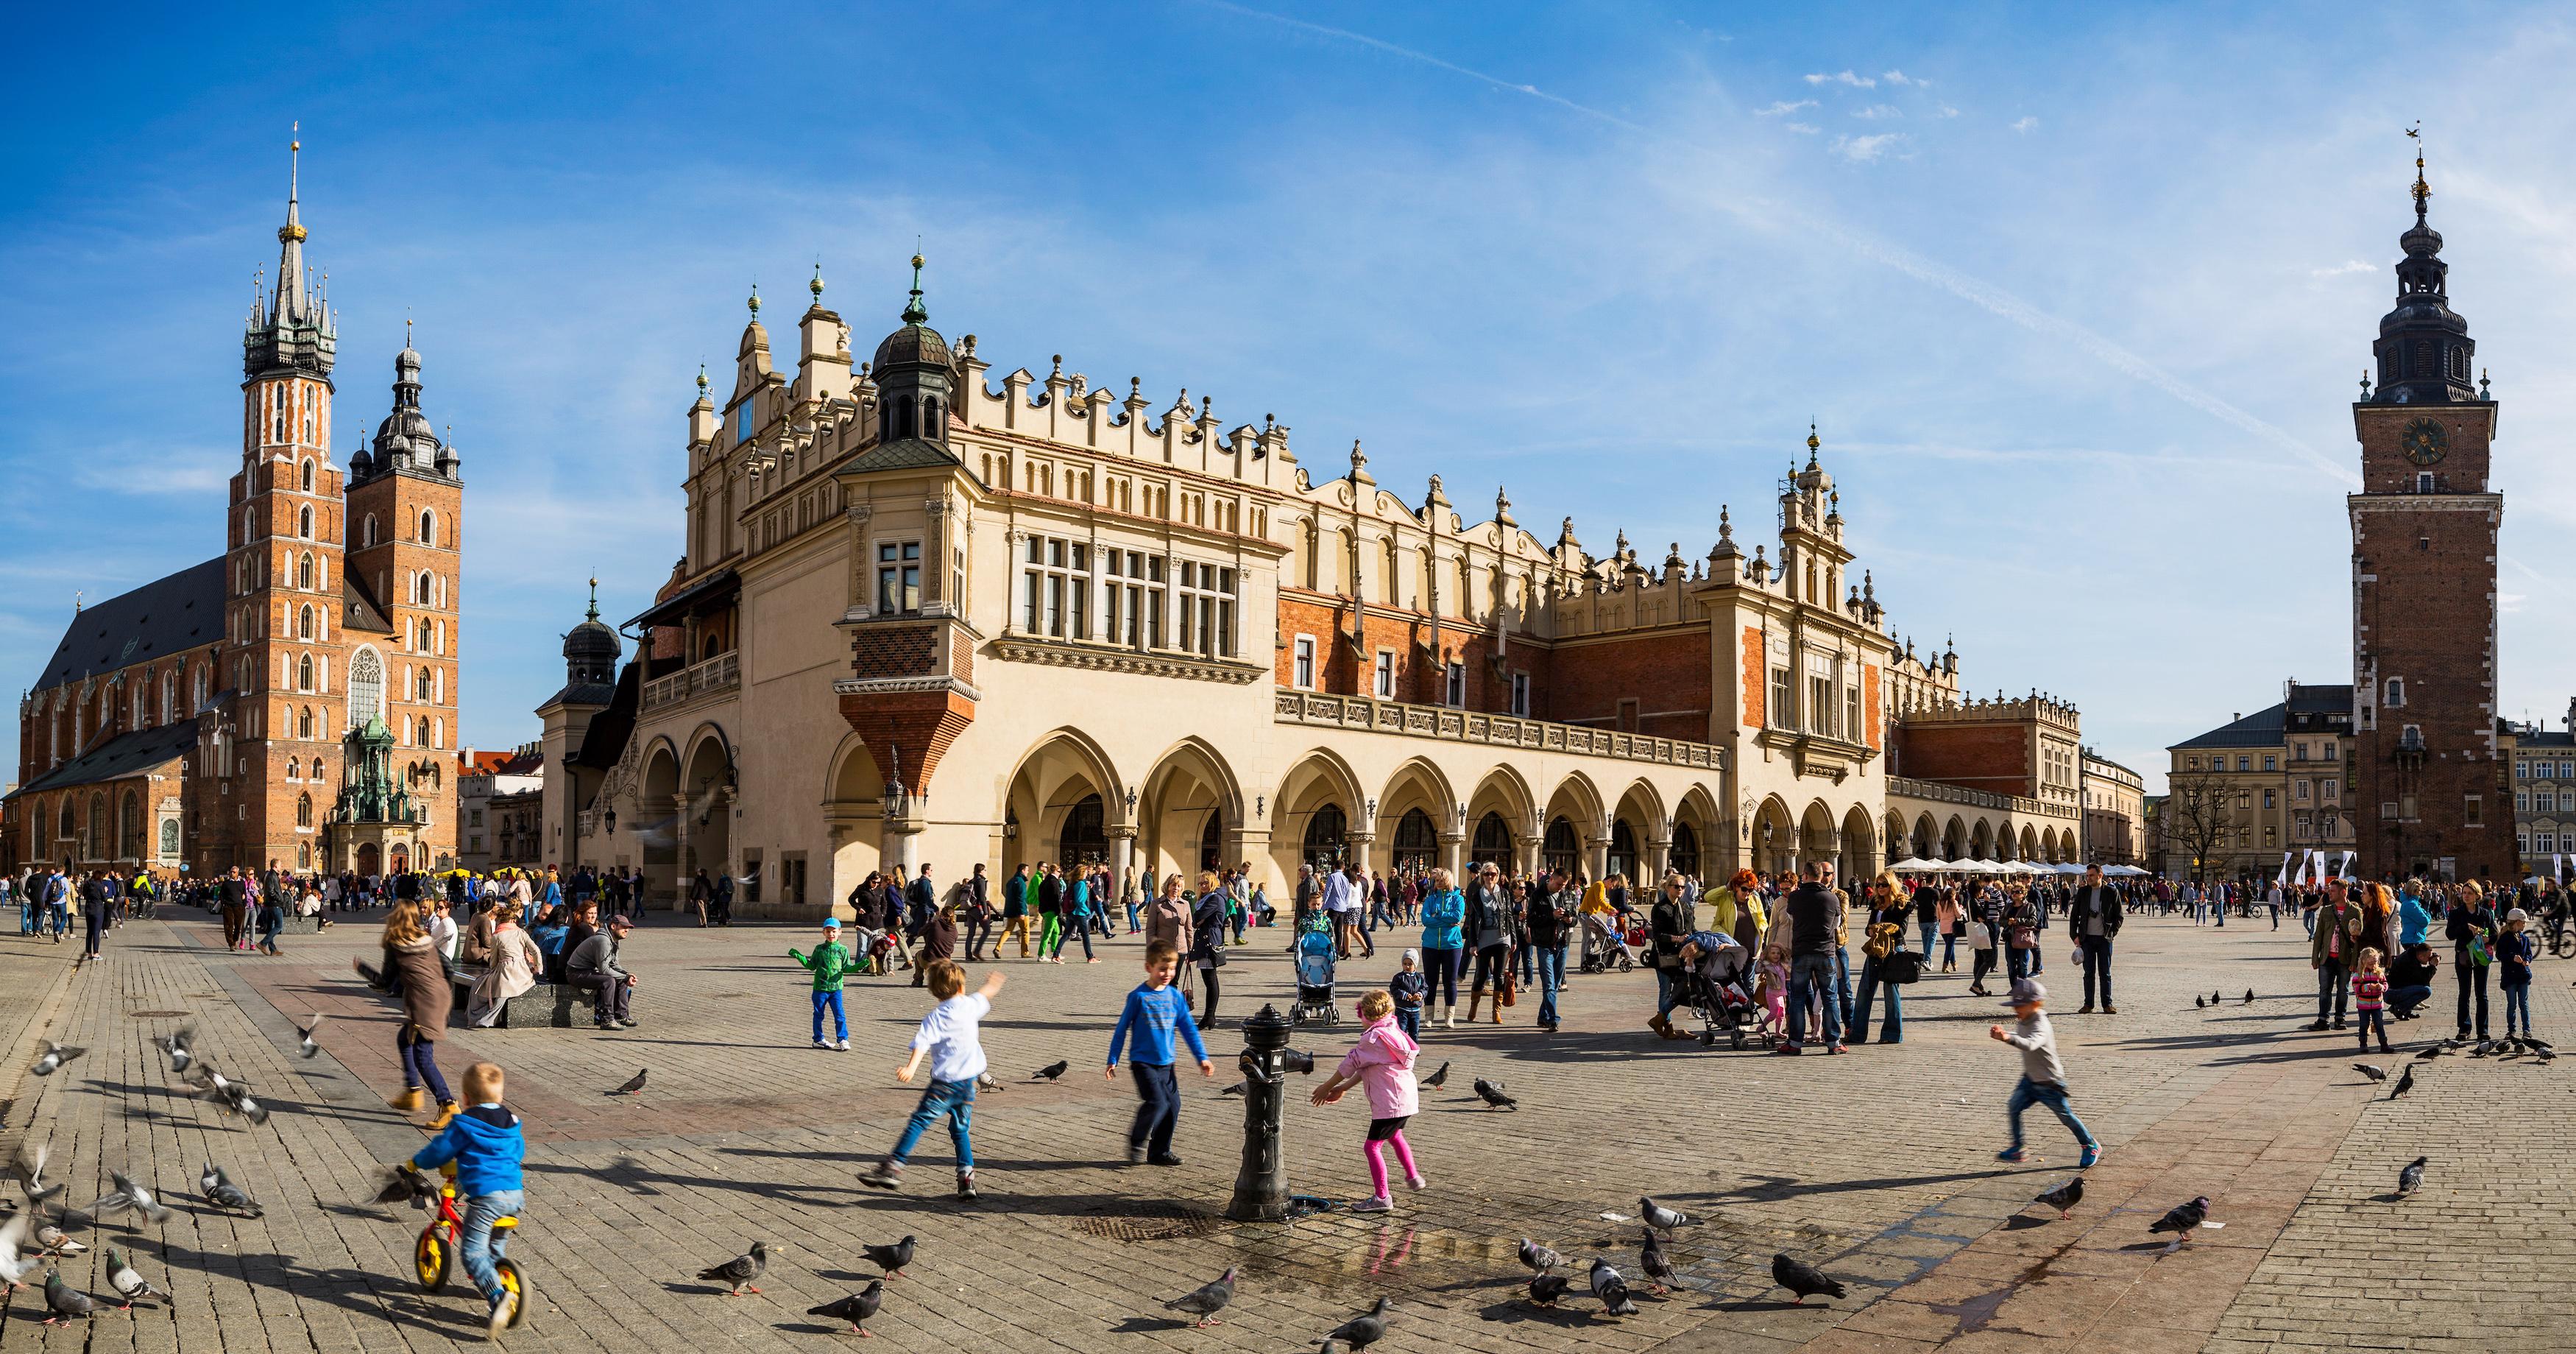 The Rynek in Krakow, Poland.